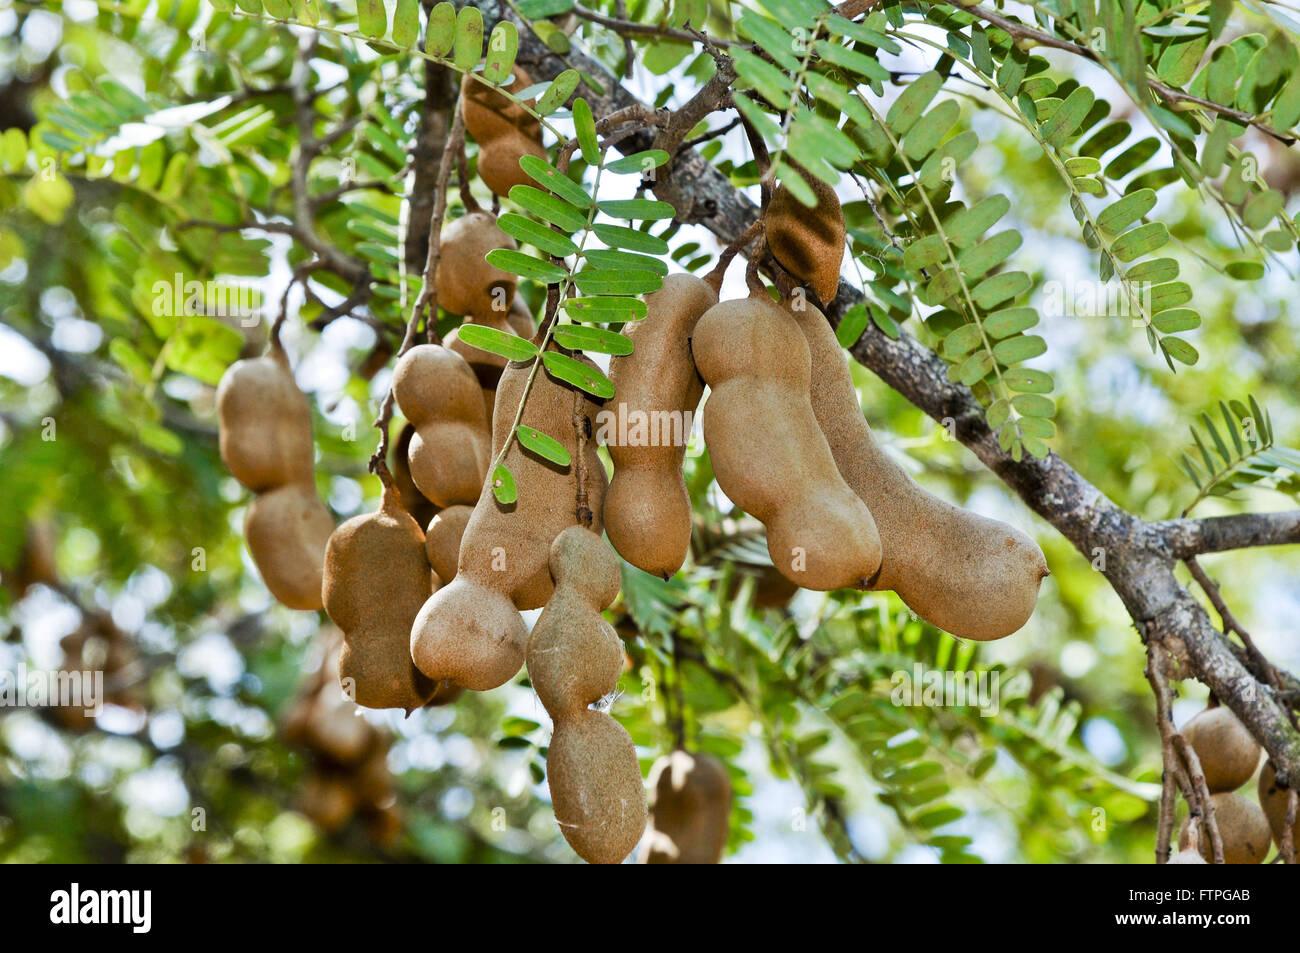 Tamarind tree fruit